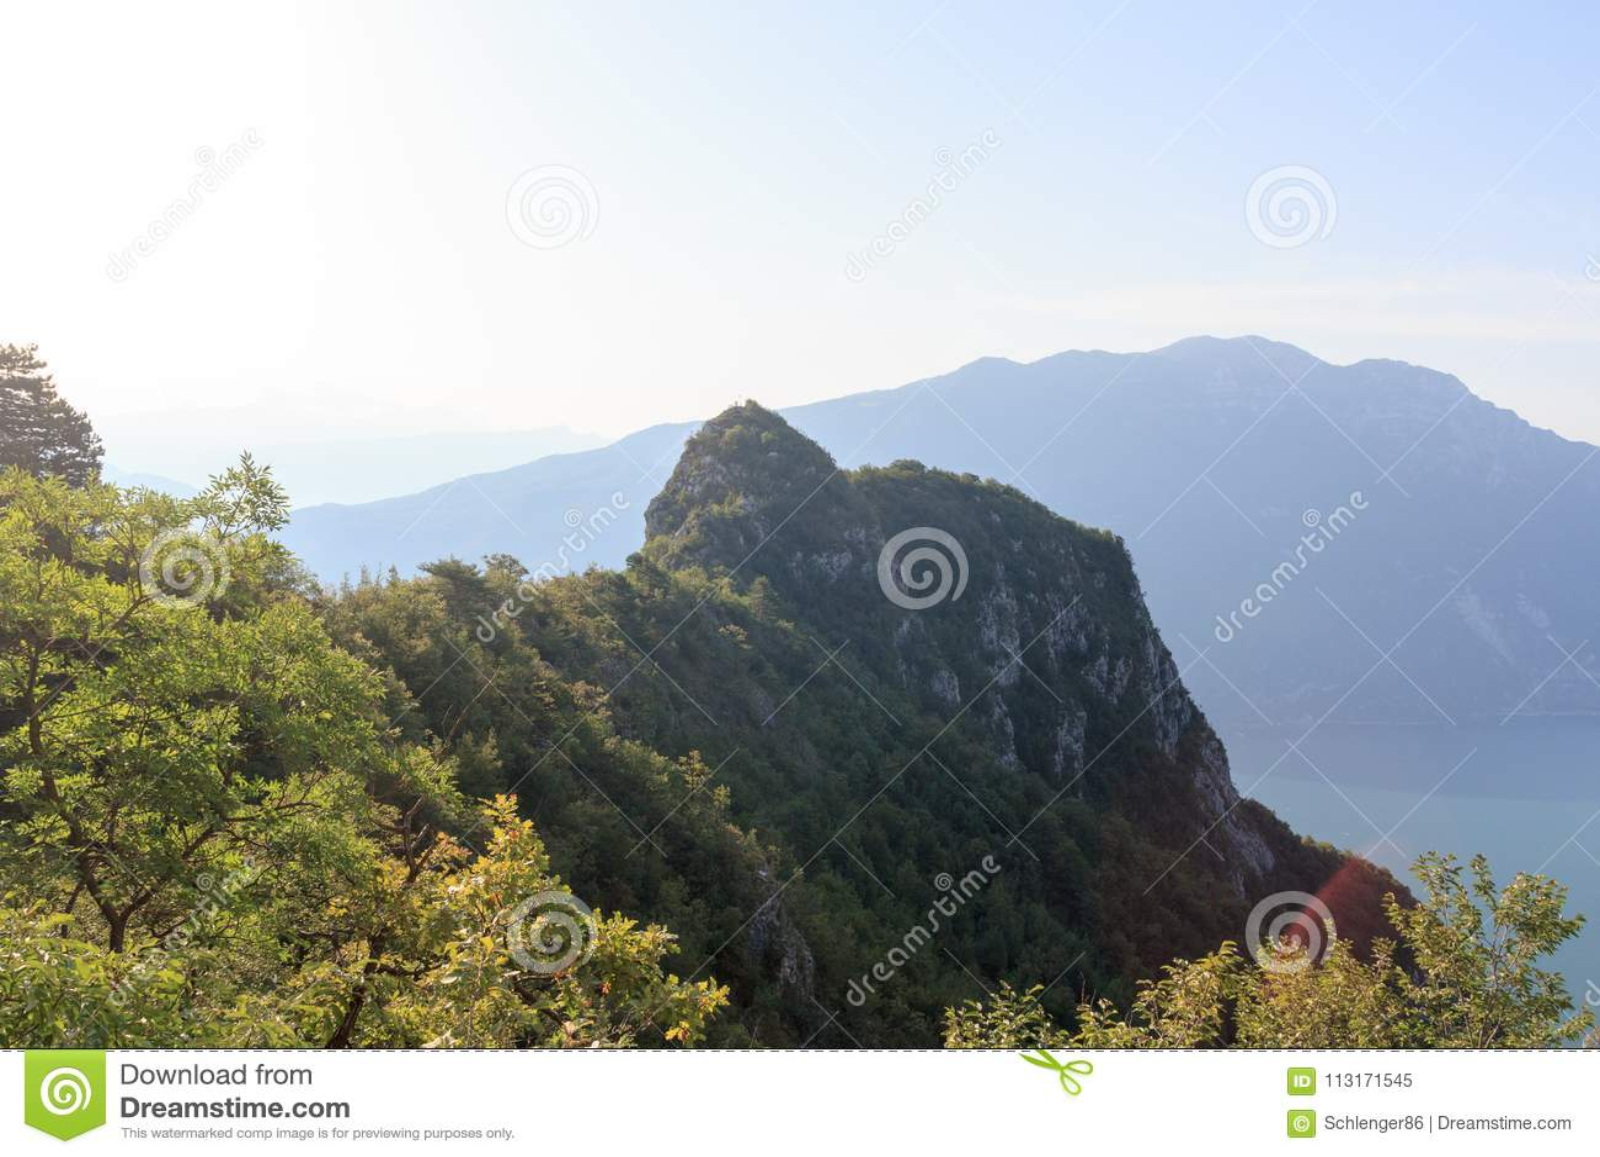 Klettersteig Riva Del Garda : Klettersteige am gardasee bergführungen